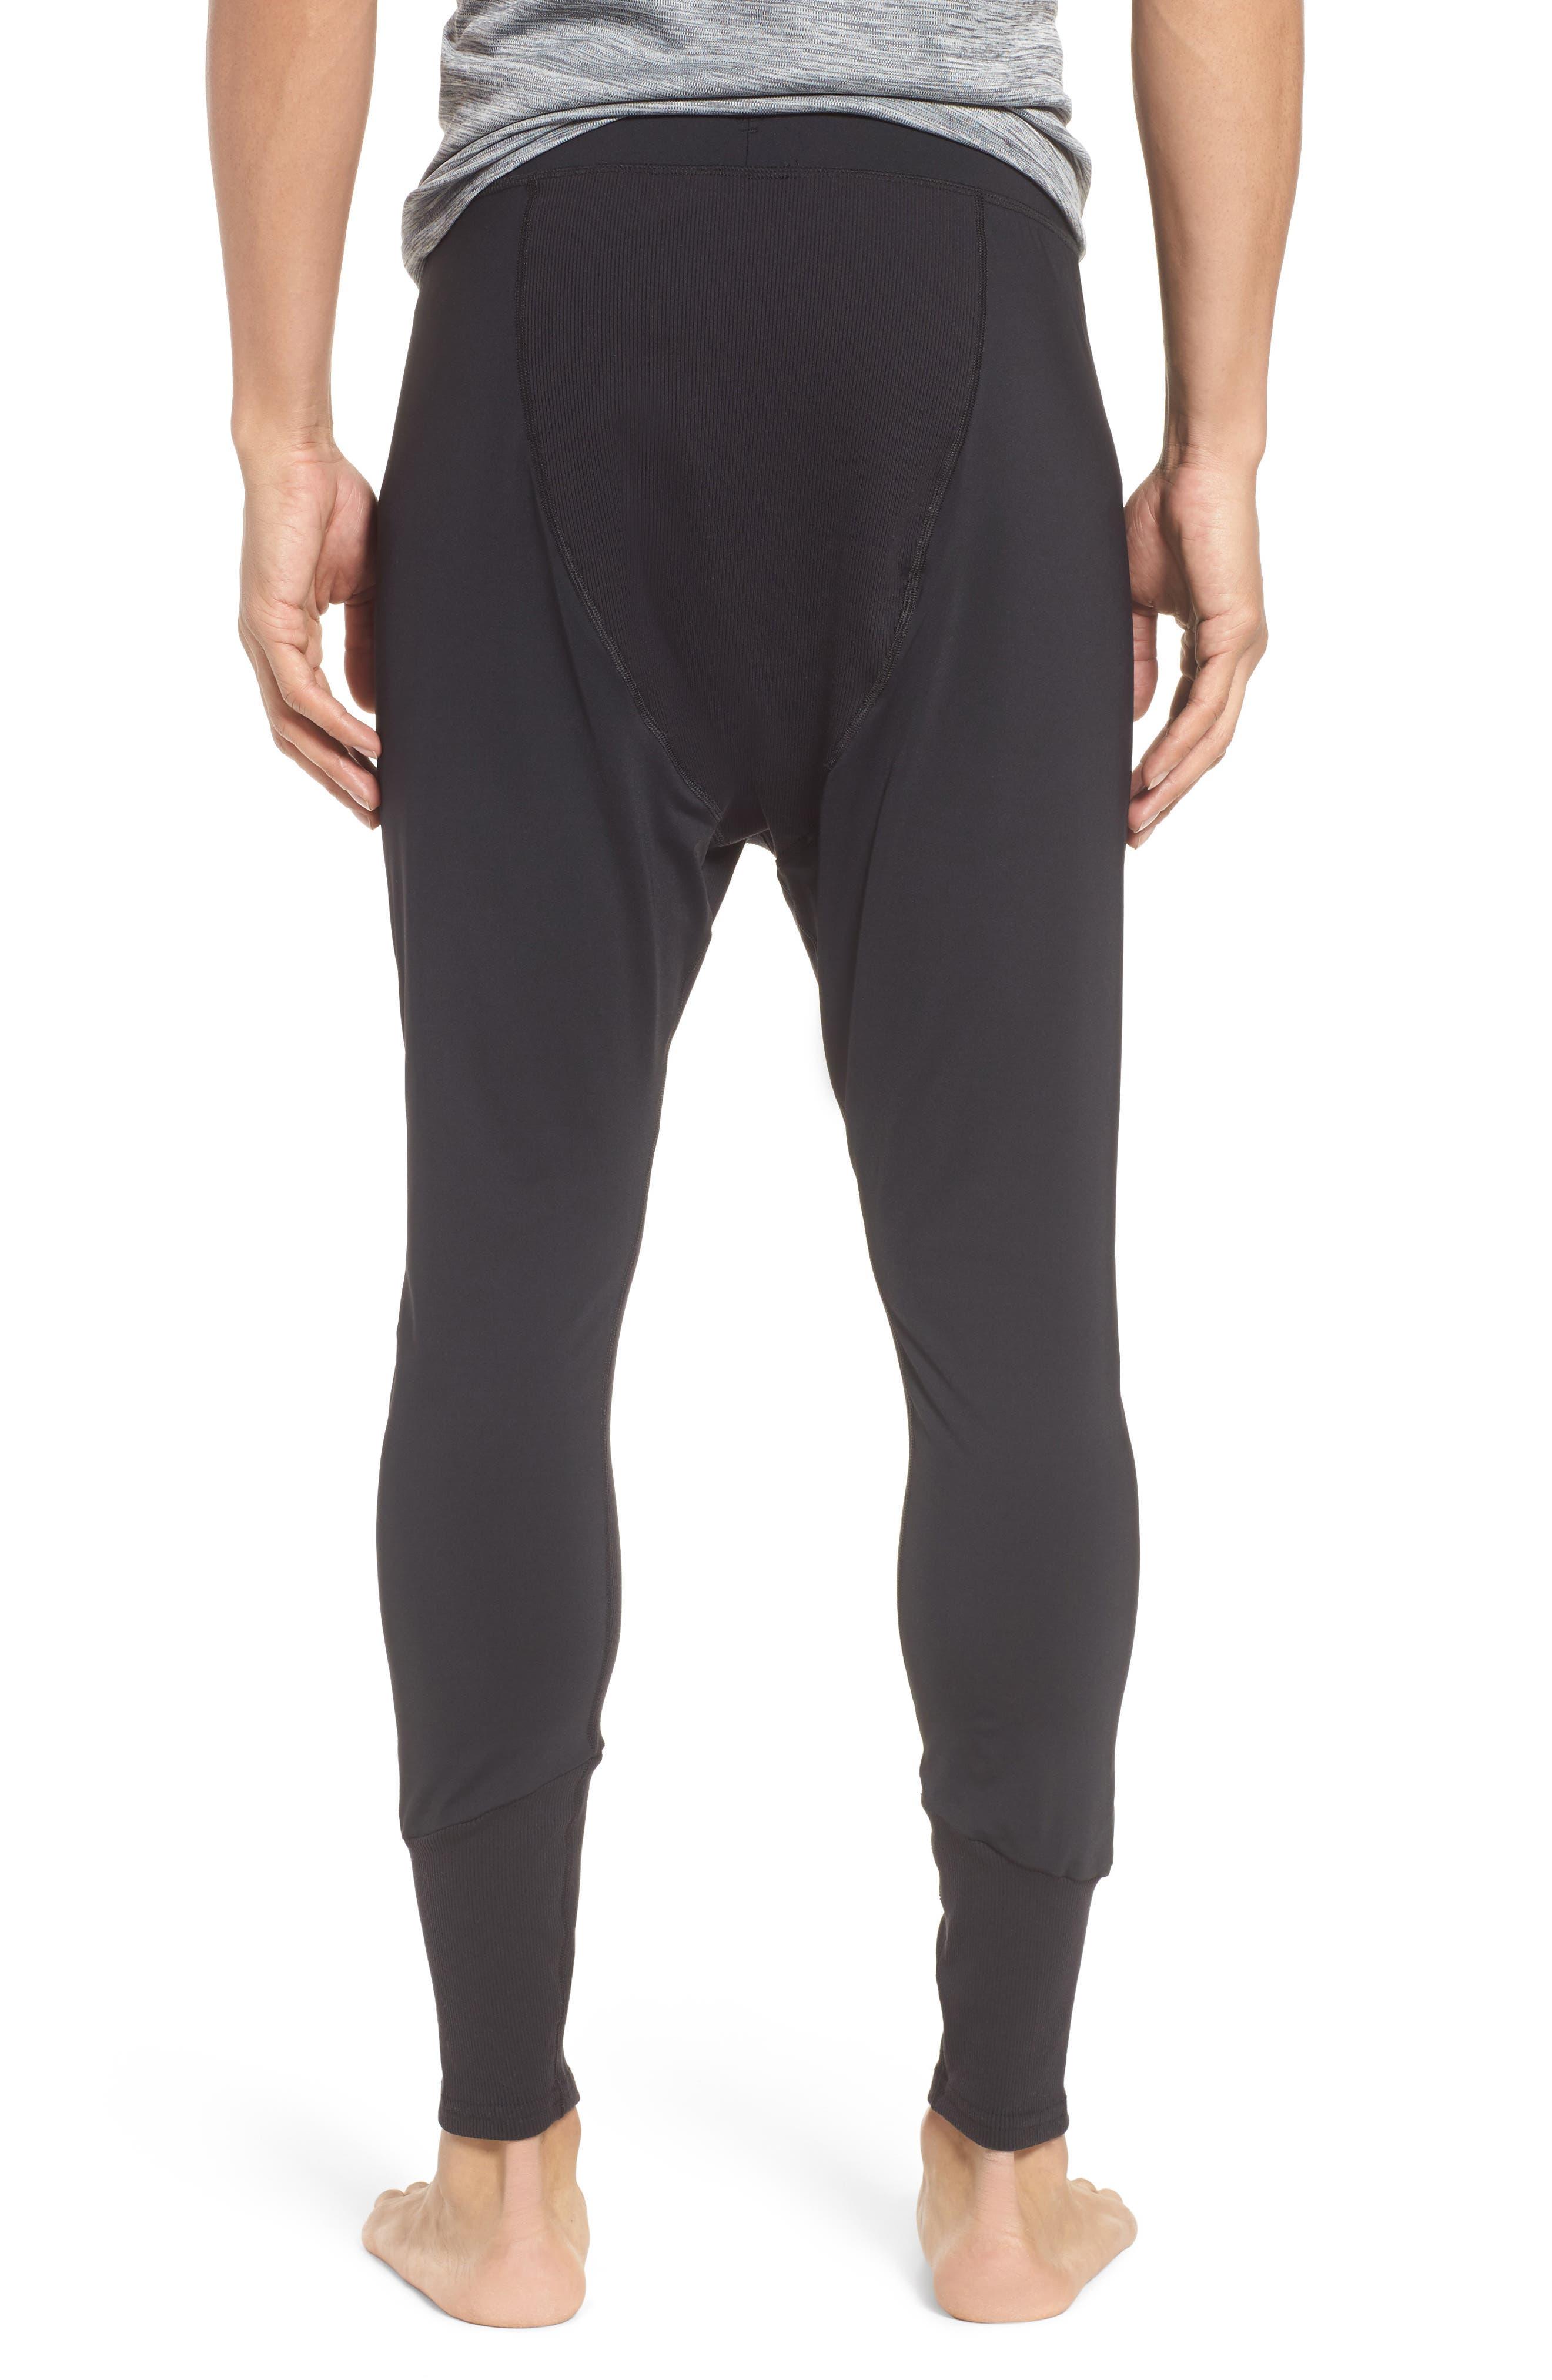 Rebel Jogger Pants,                             Alternate thumbnail 2, color,                             BLACK